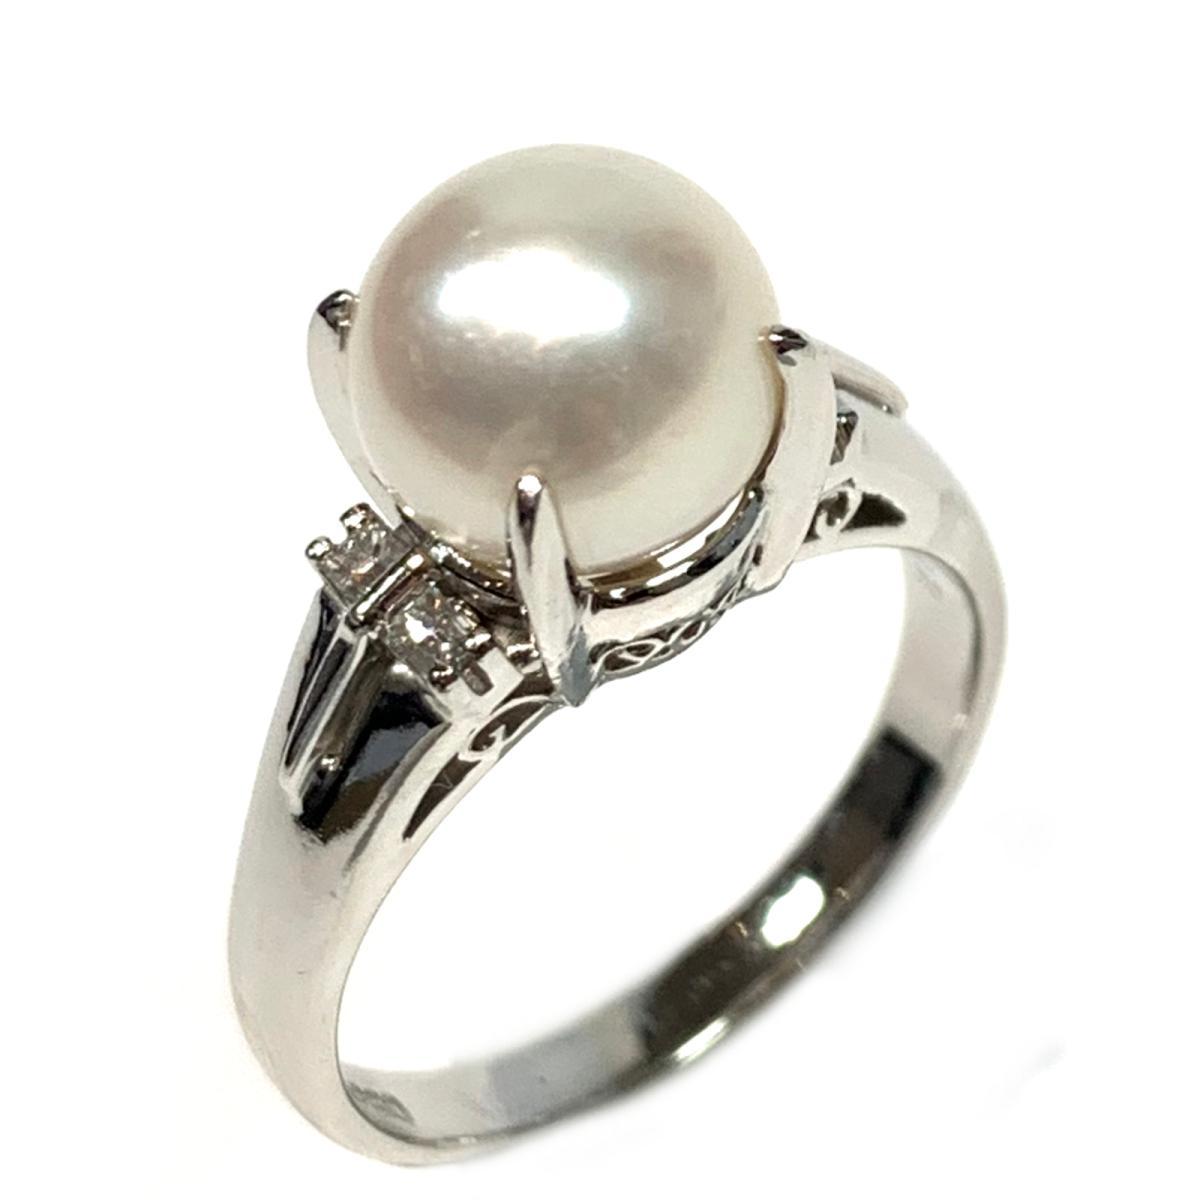 【中古】 ジュエリー パール ダイヤモンド リング 指輪 レディース PT850 プラチナ x パール8.5mm ダイヤ0.12ct ホワイト シルバー | JEWELRY BRANDOFF ブランドオフ ブランド アクセサリー